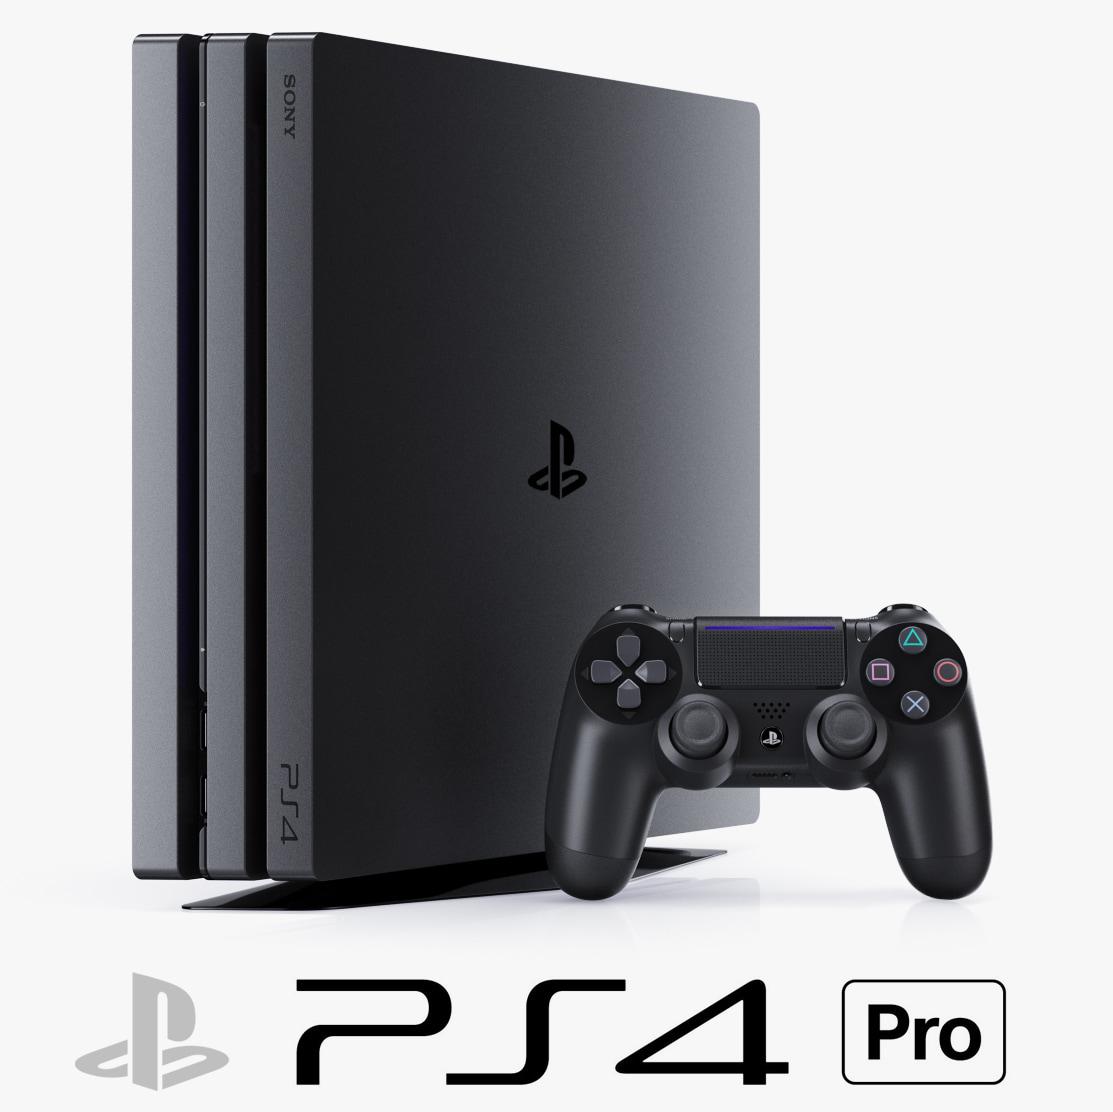 Sony_PS4_PRO_Dualshock_00.jpg